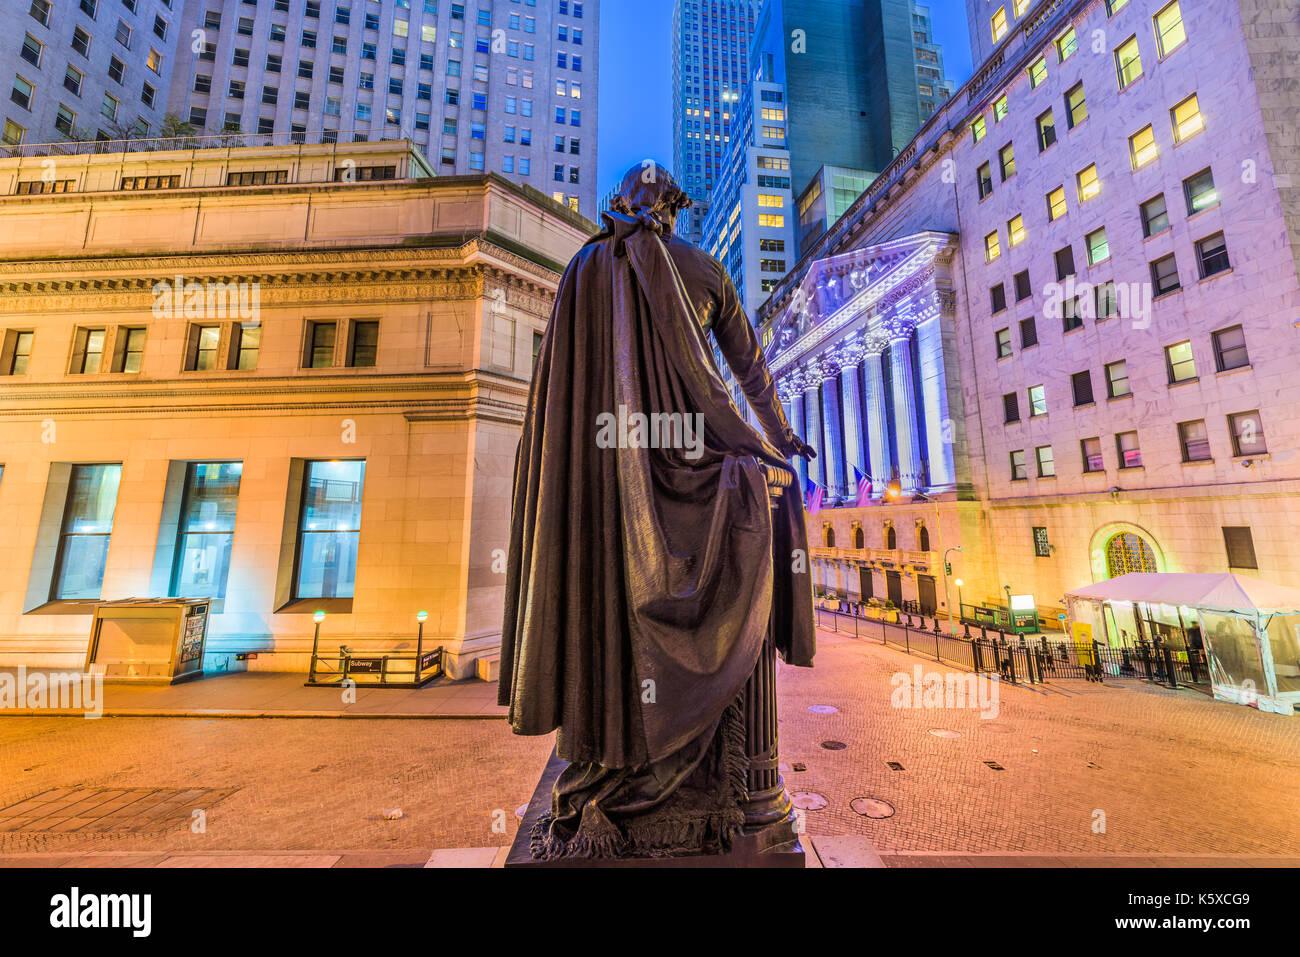 La ciudad de Nueva York, EE.UU. en Wall Street de federal hall, en el Bajo Manhattan. Imagen De Stock